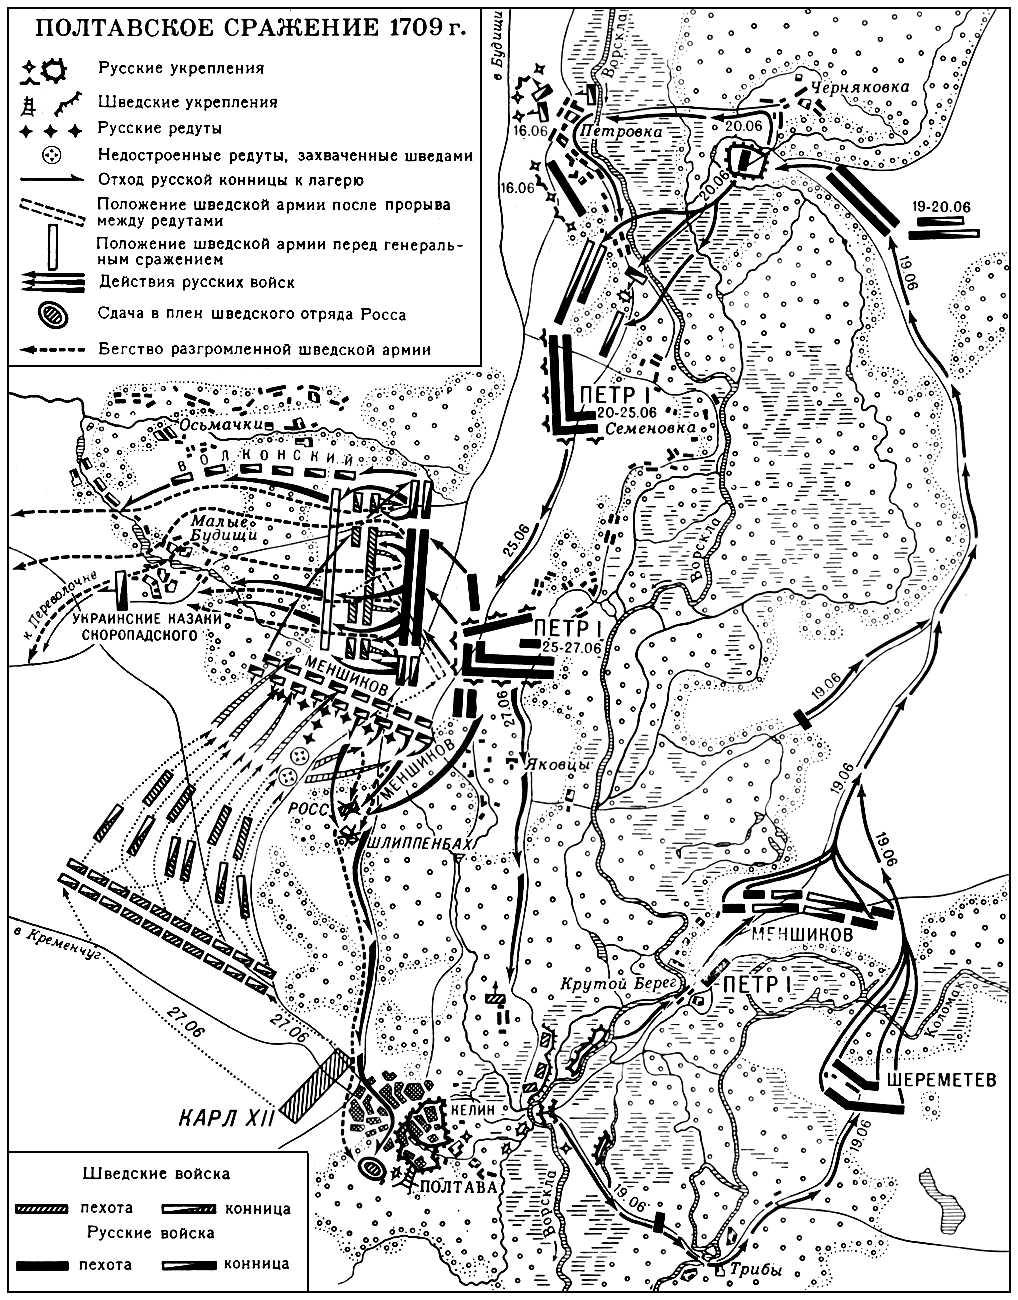 Полтавское сражение 1709